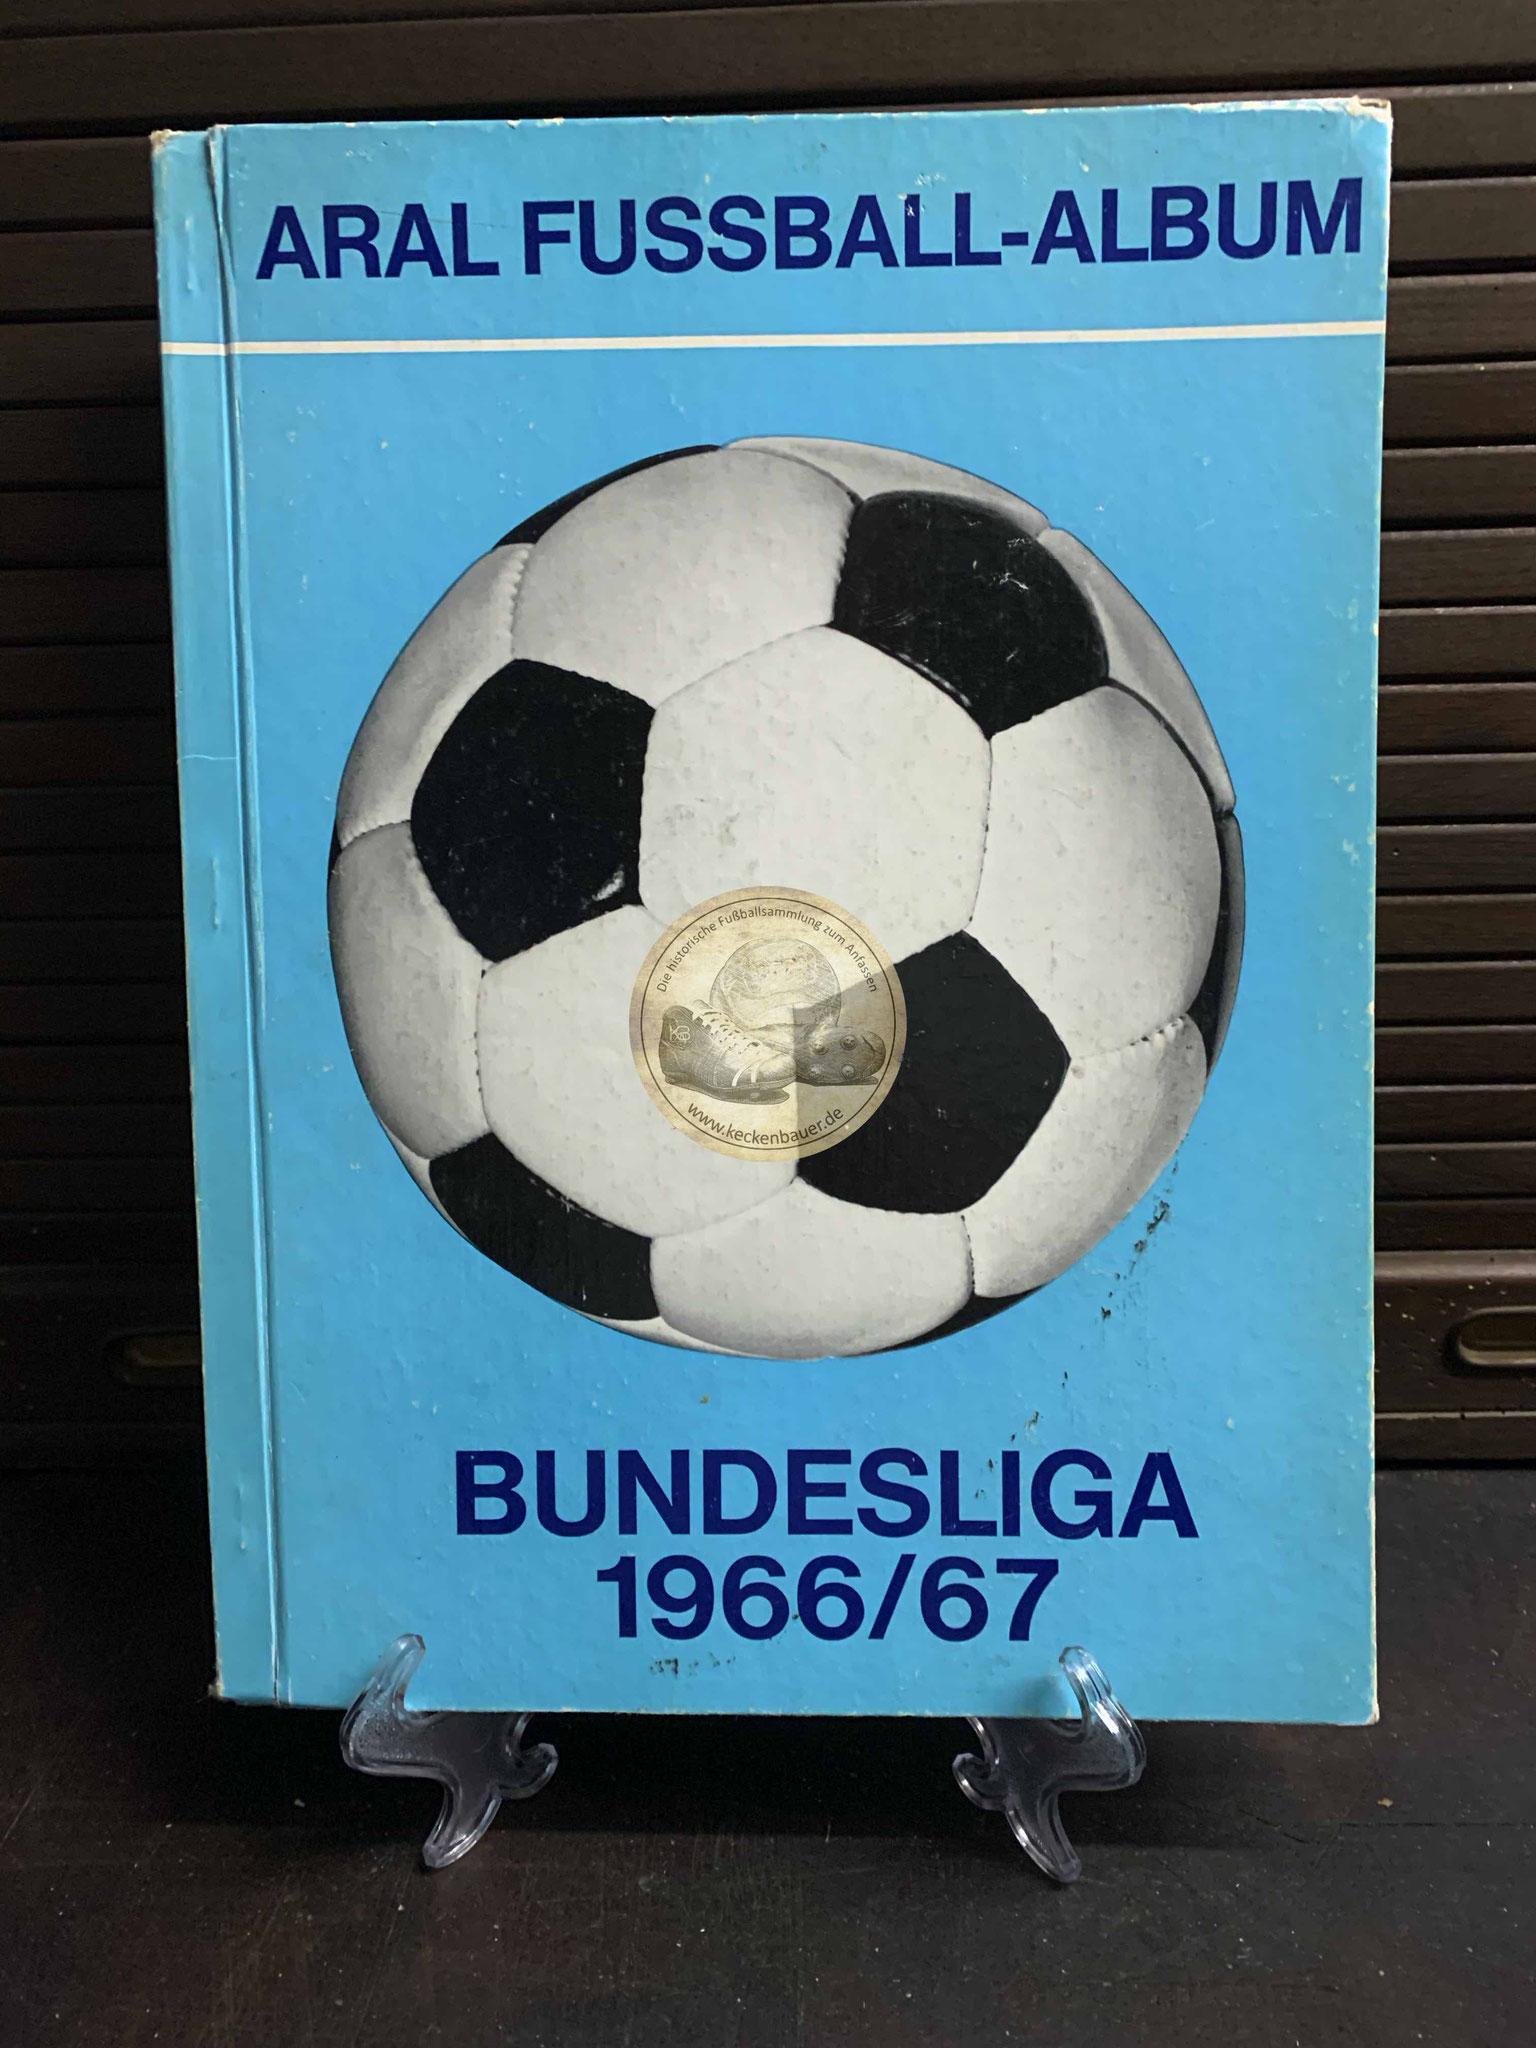 ARAL Fußball-Album Bundesliga 1966/67